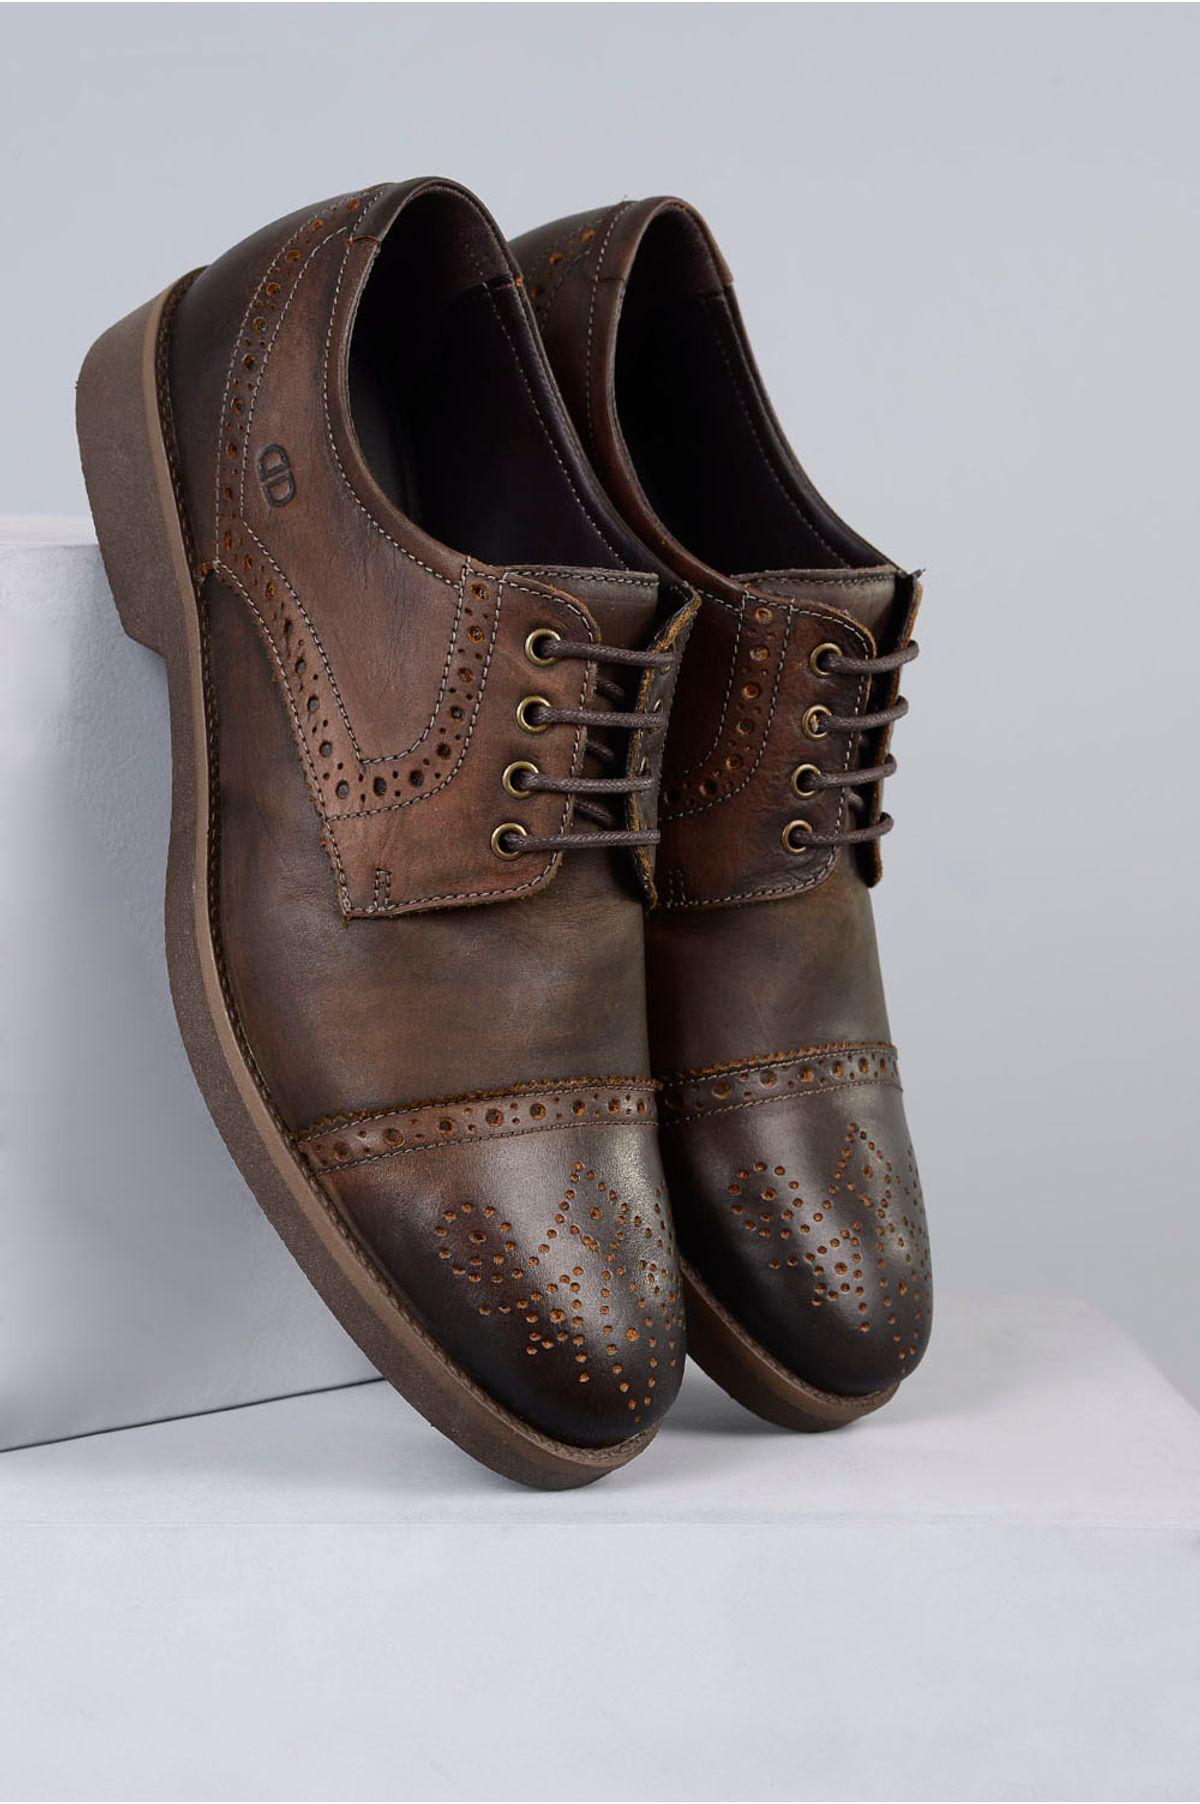 48c3e2937dc Sapato Masculino Democrata Smith TABACO - Mundial Calçados